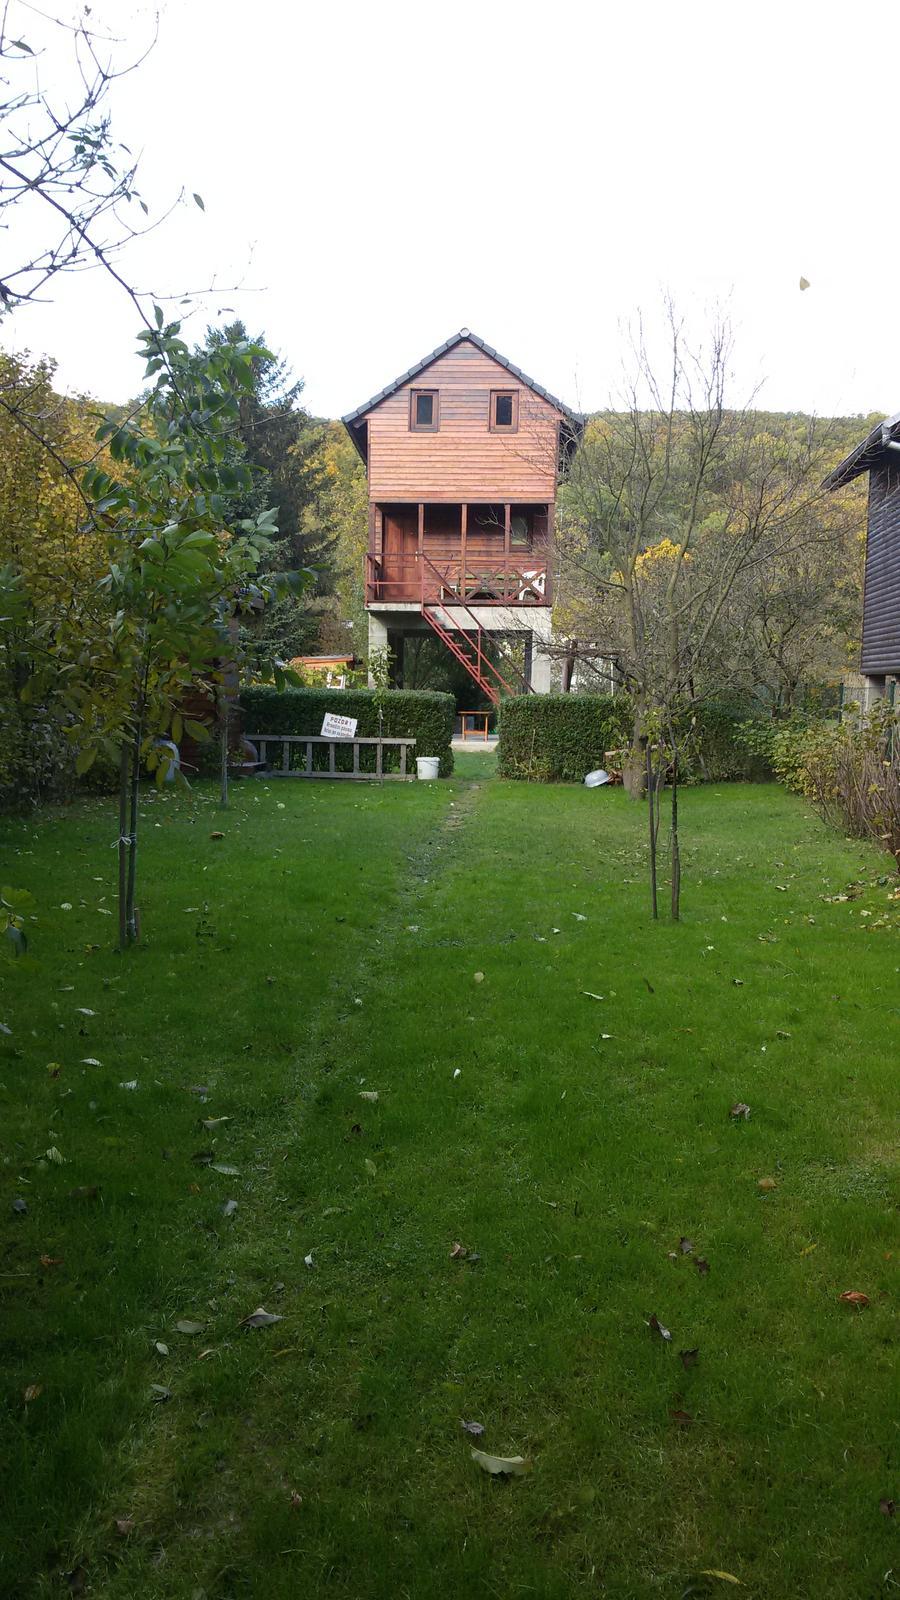 zahrada s chatou - Obrázok č. 1